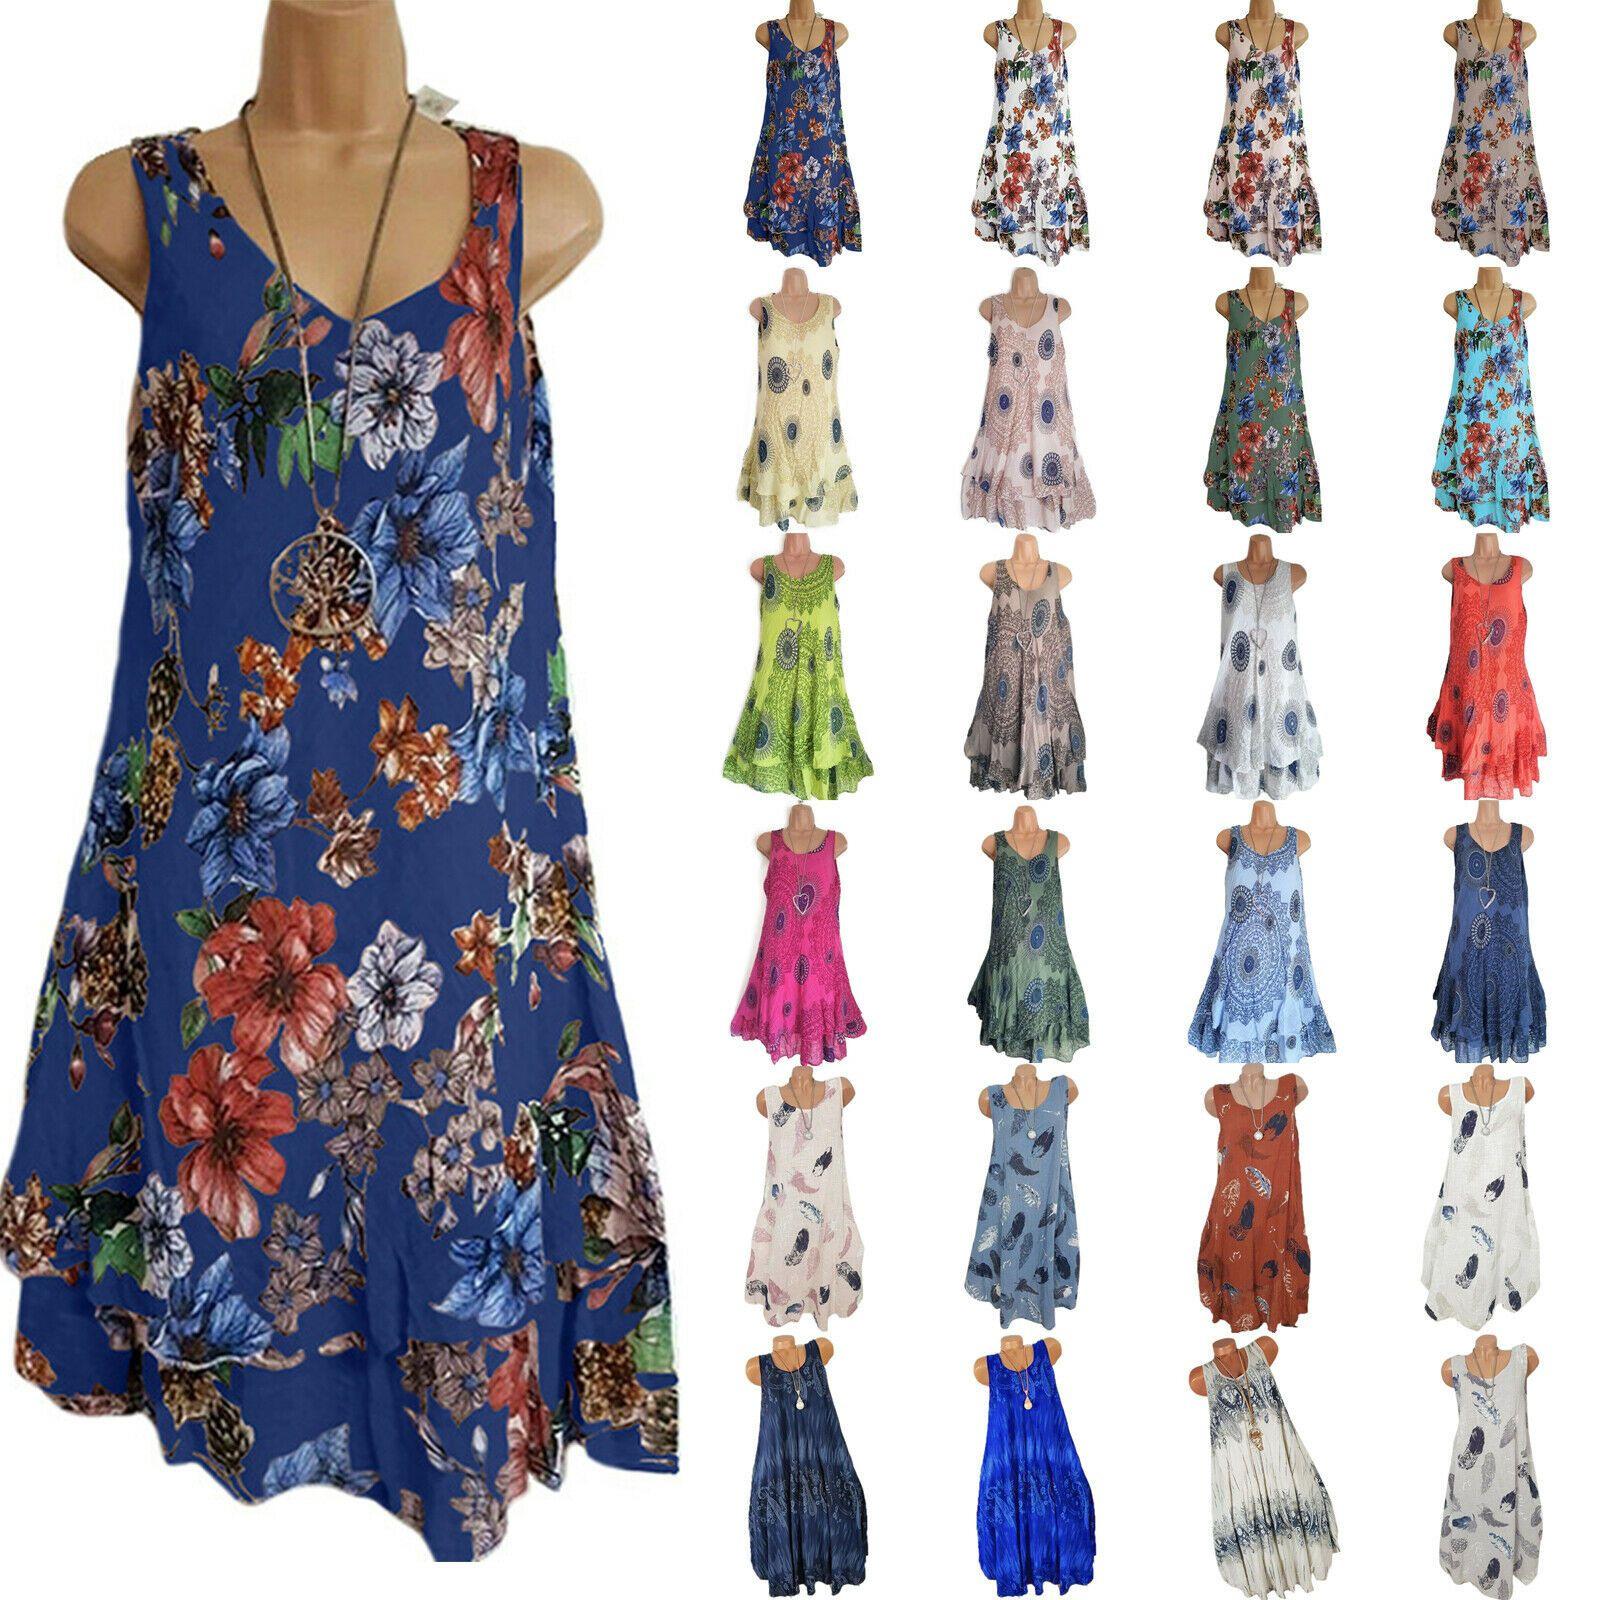 10 Schön Sommerkleid 42 BoutiqueFormal Genial Sommerkleid 42 Spezialgebiet